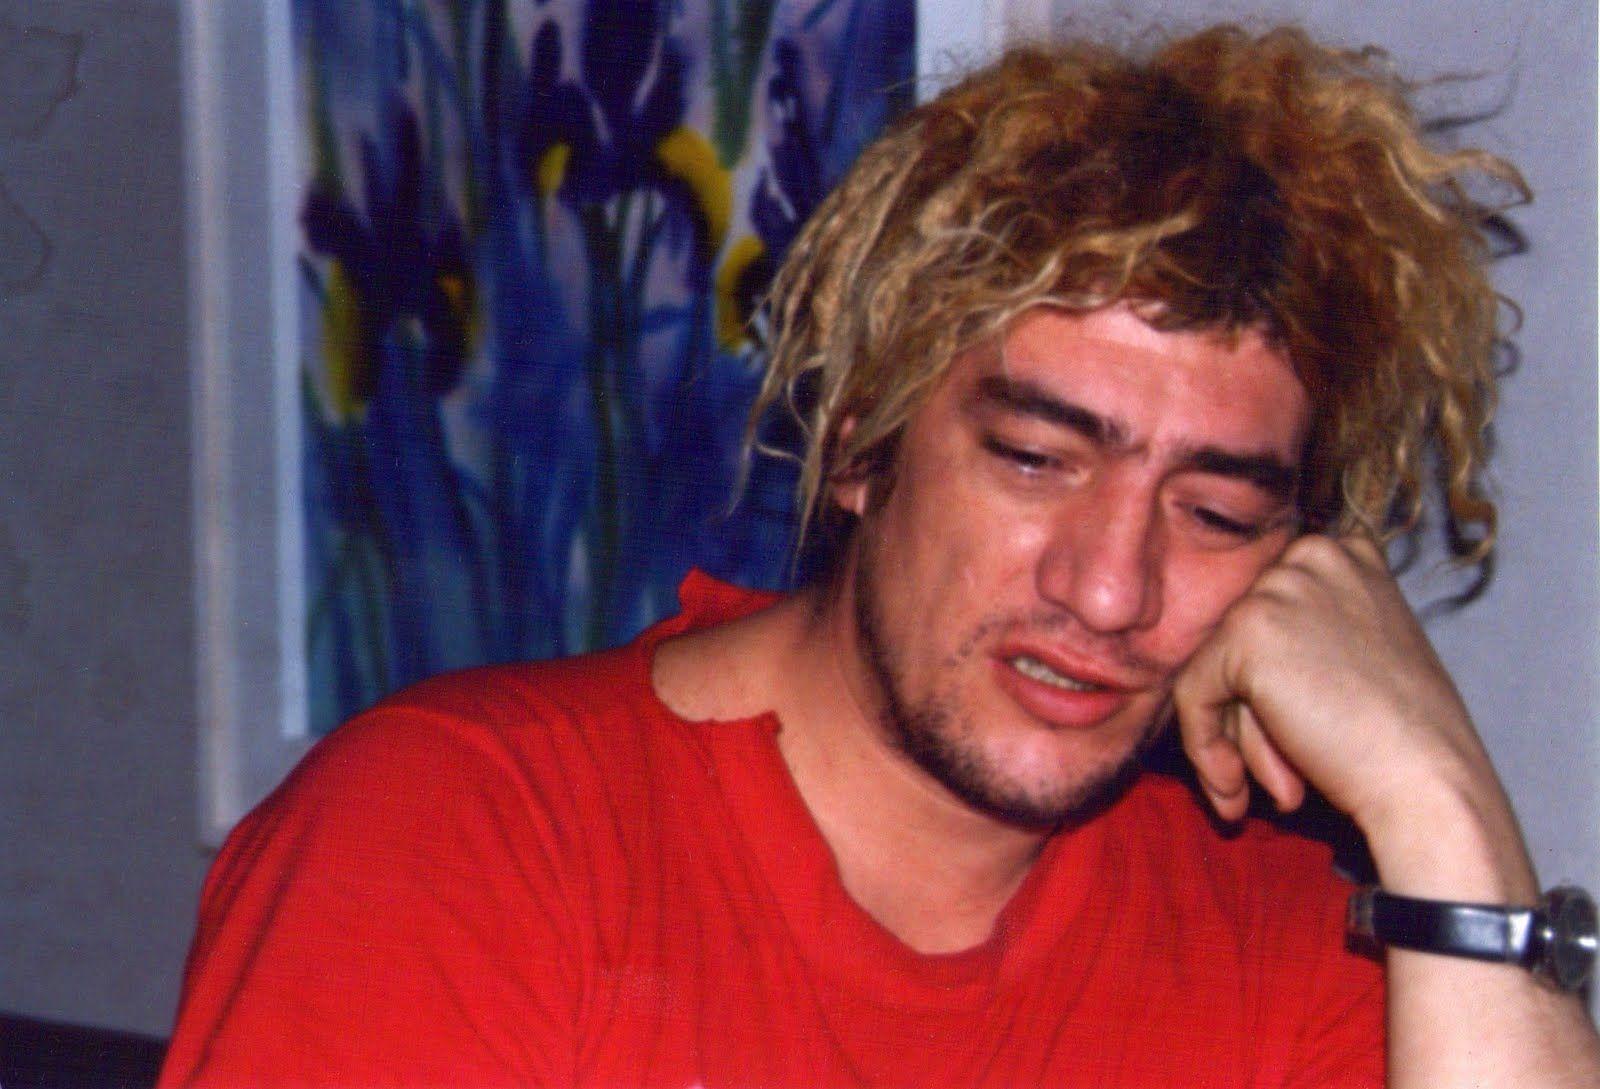 El fiscal ordenó la internación de Pity Álvarez en un neuropsiquiátrico